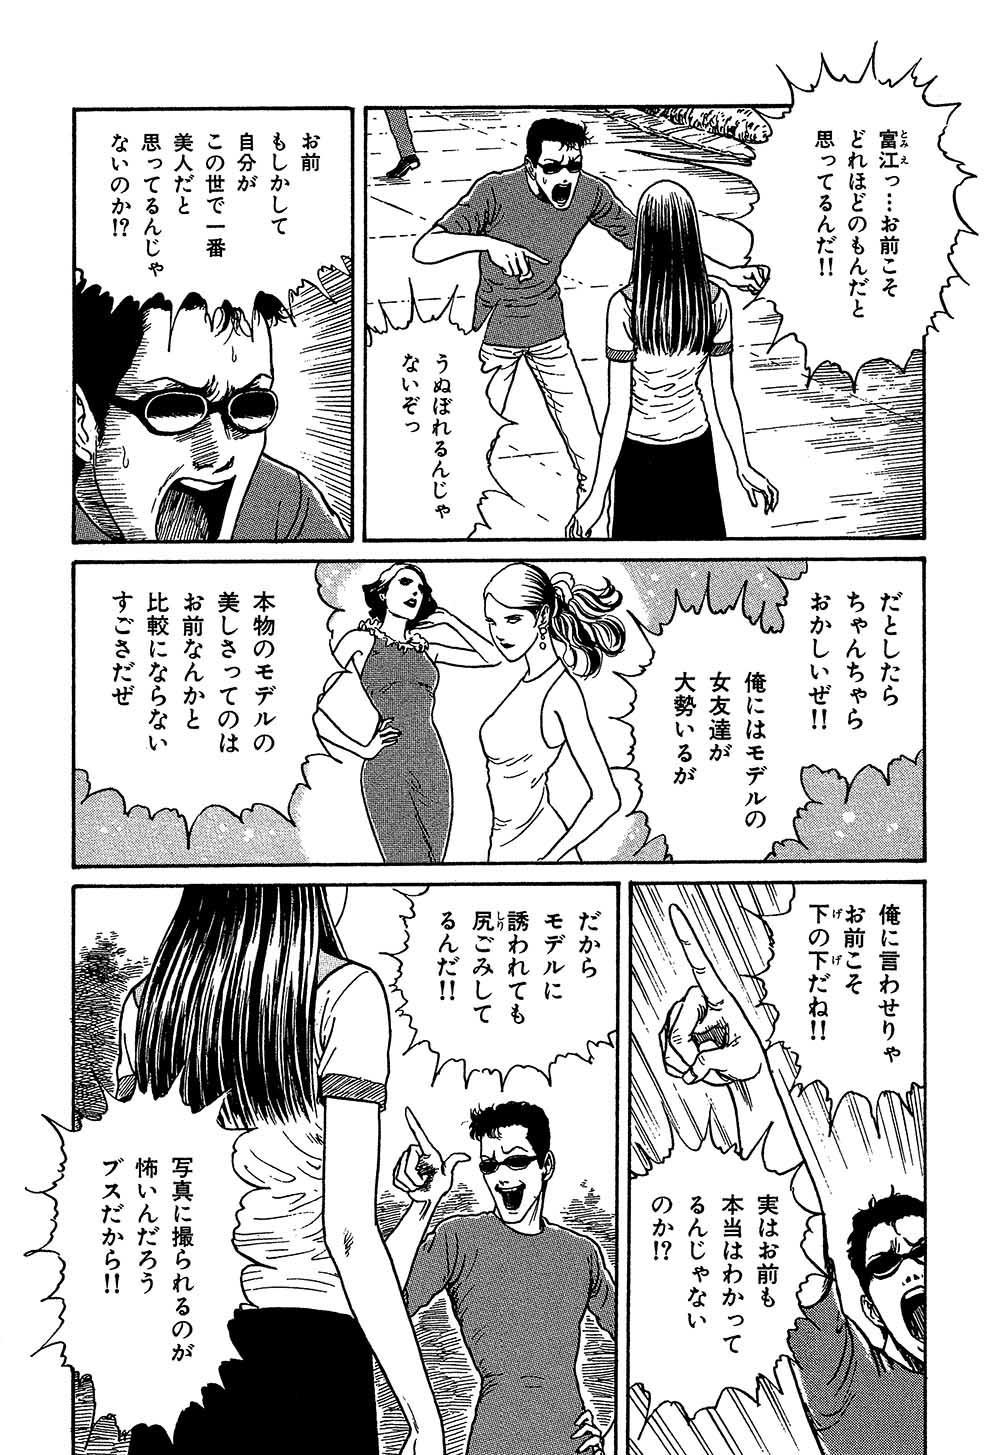 itouj_0002_0322.jpg